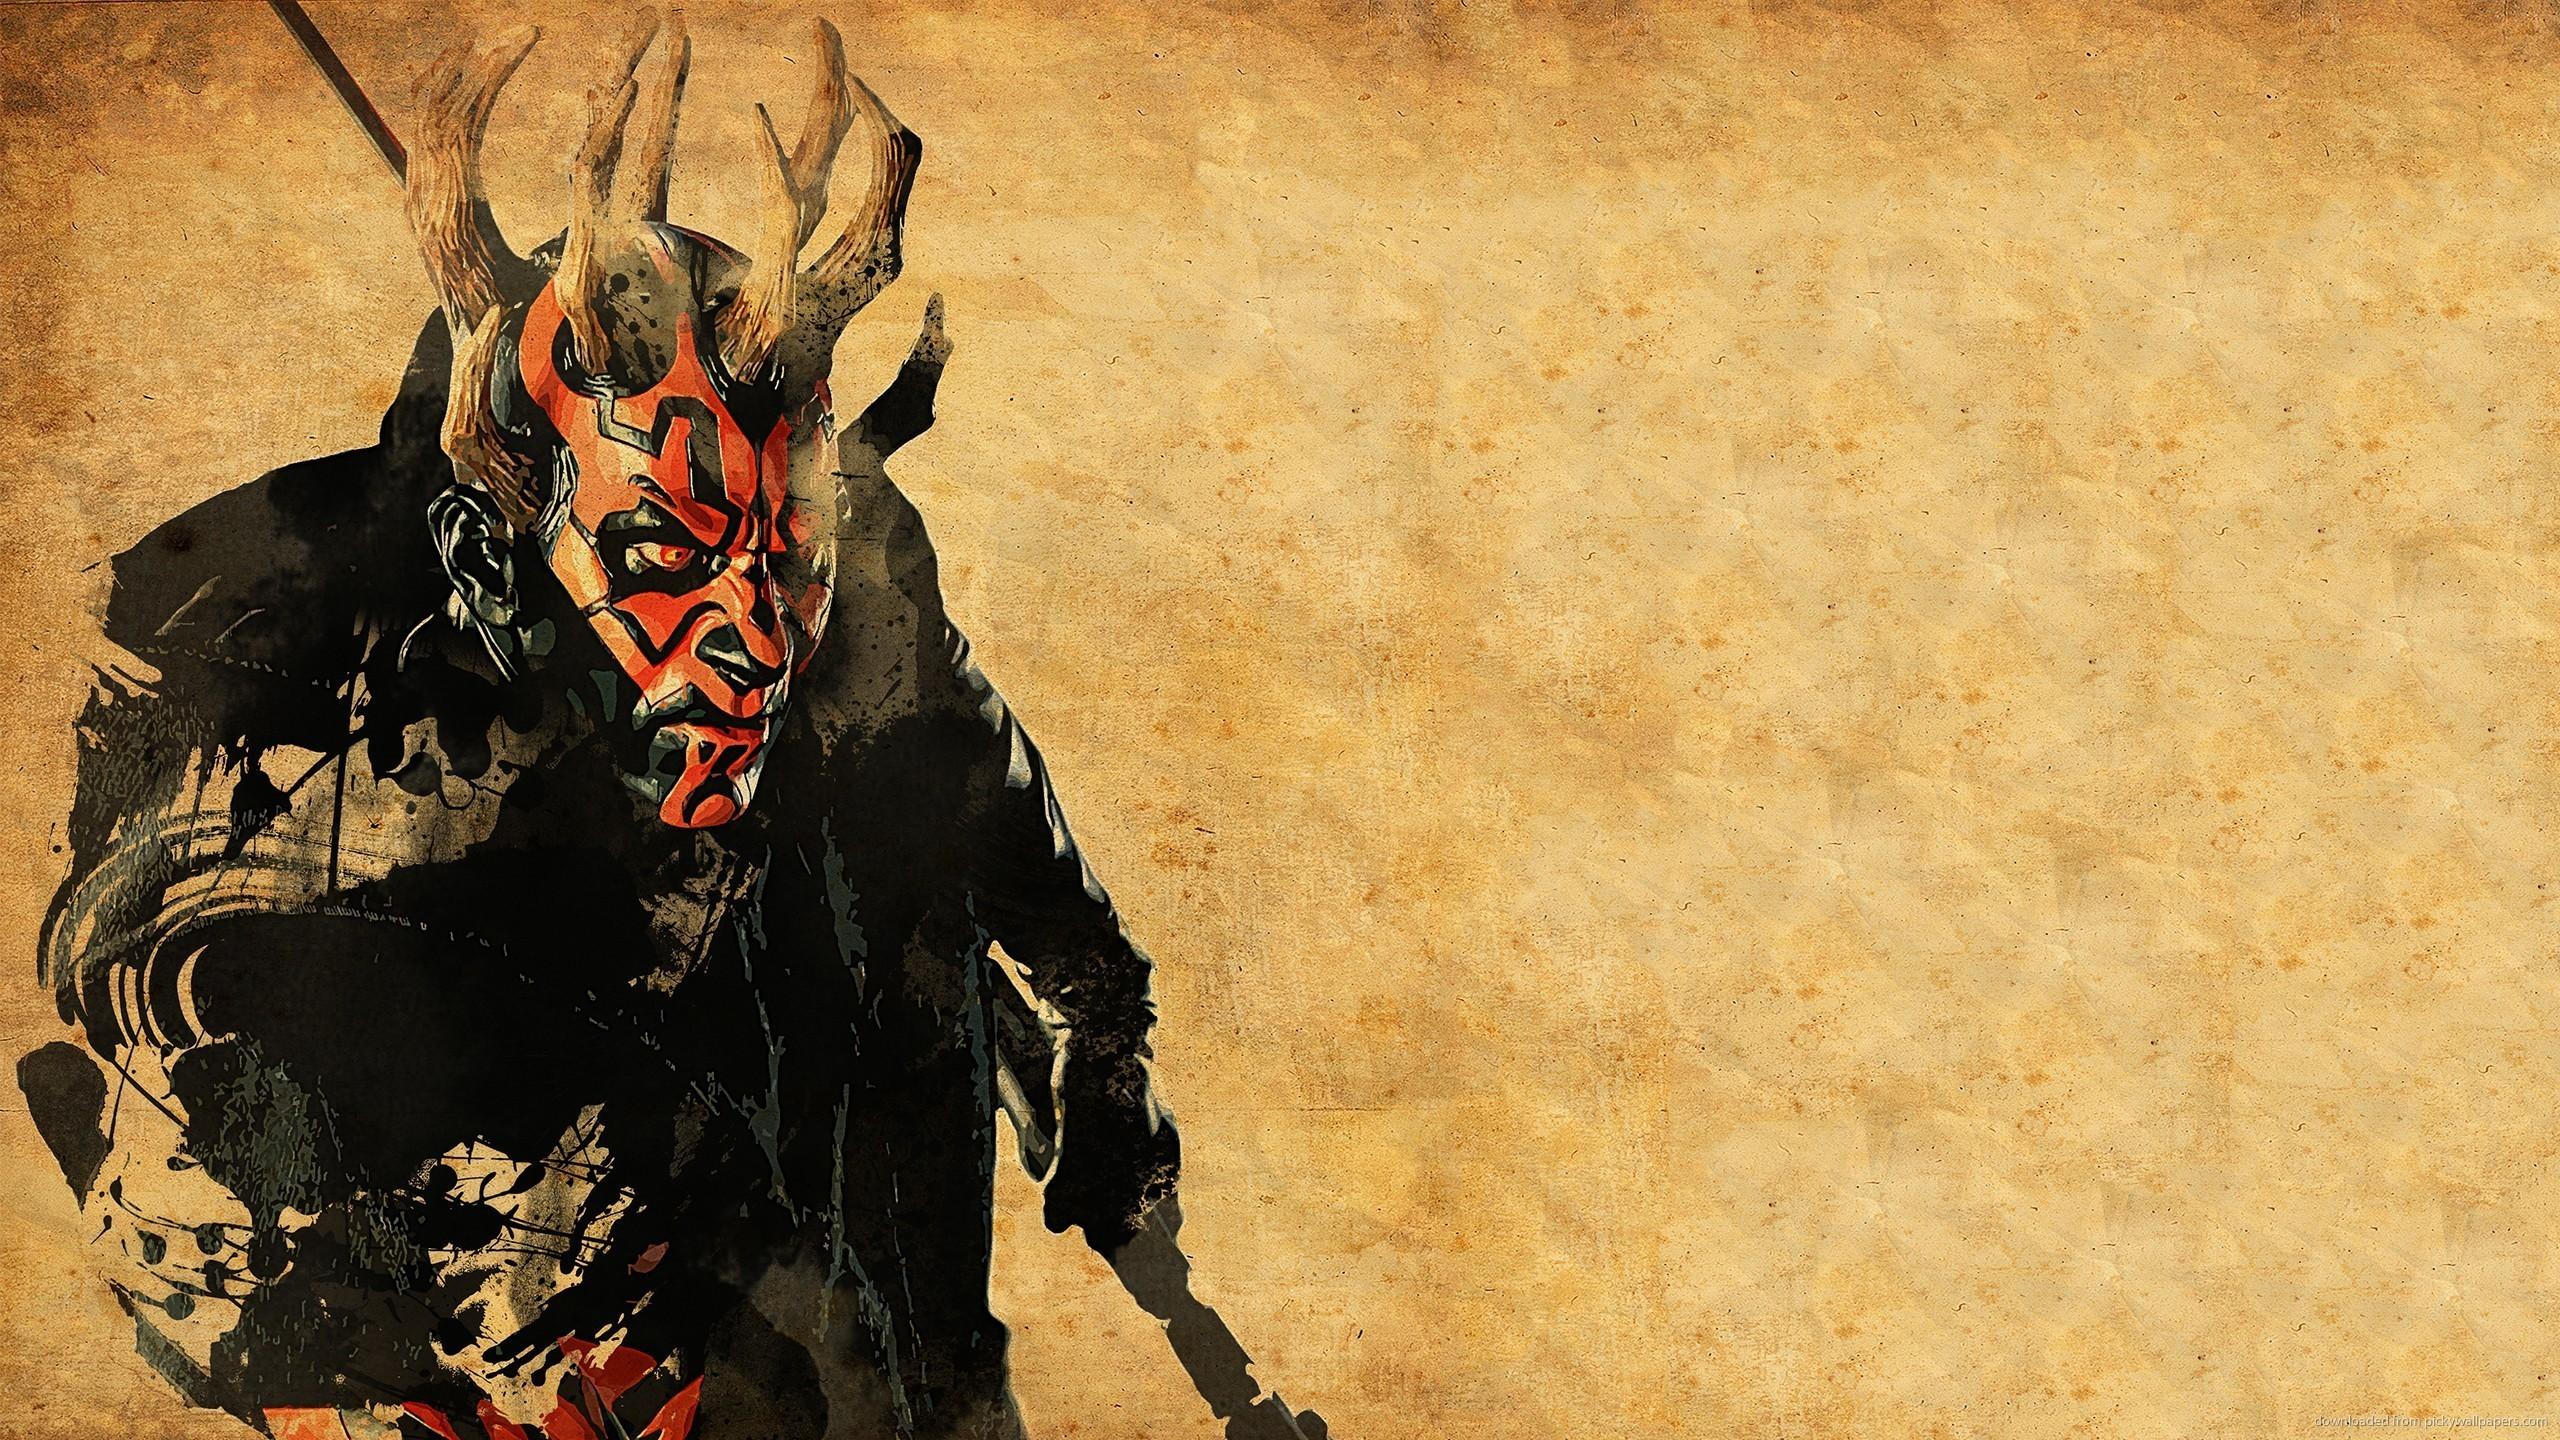 100 Star Wars Samurai